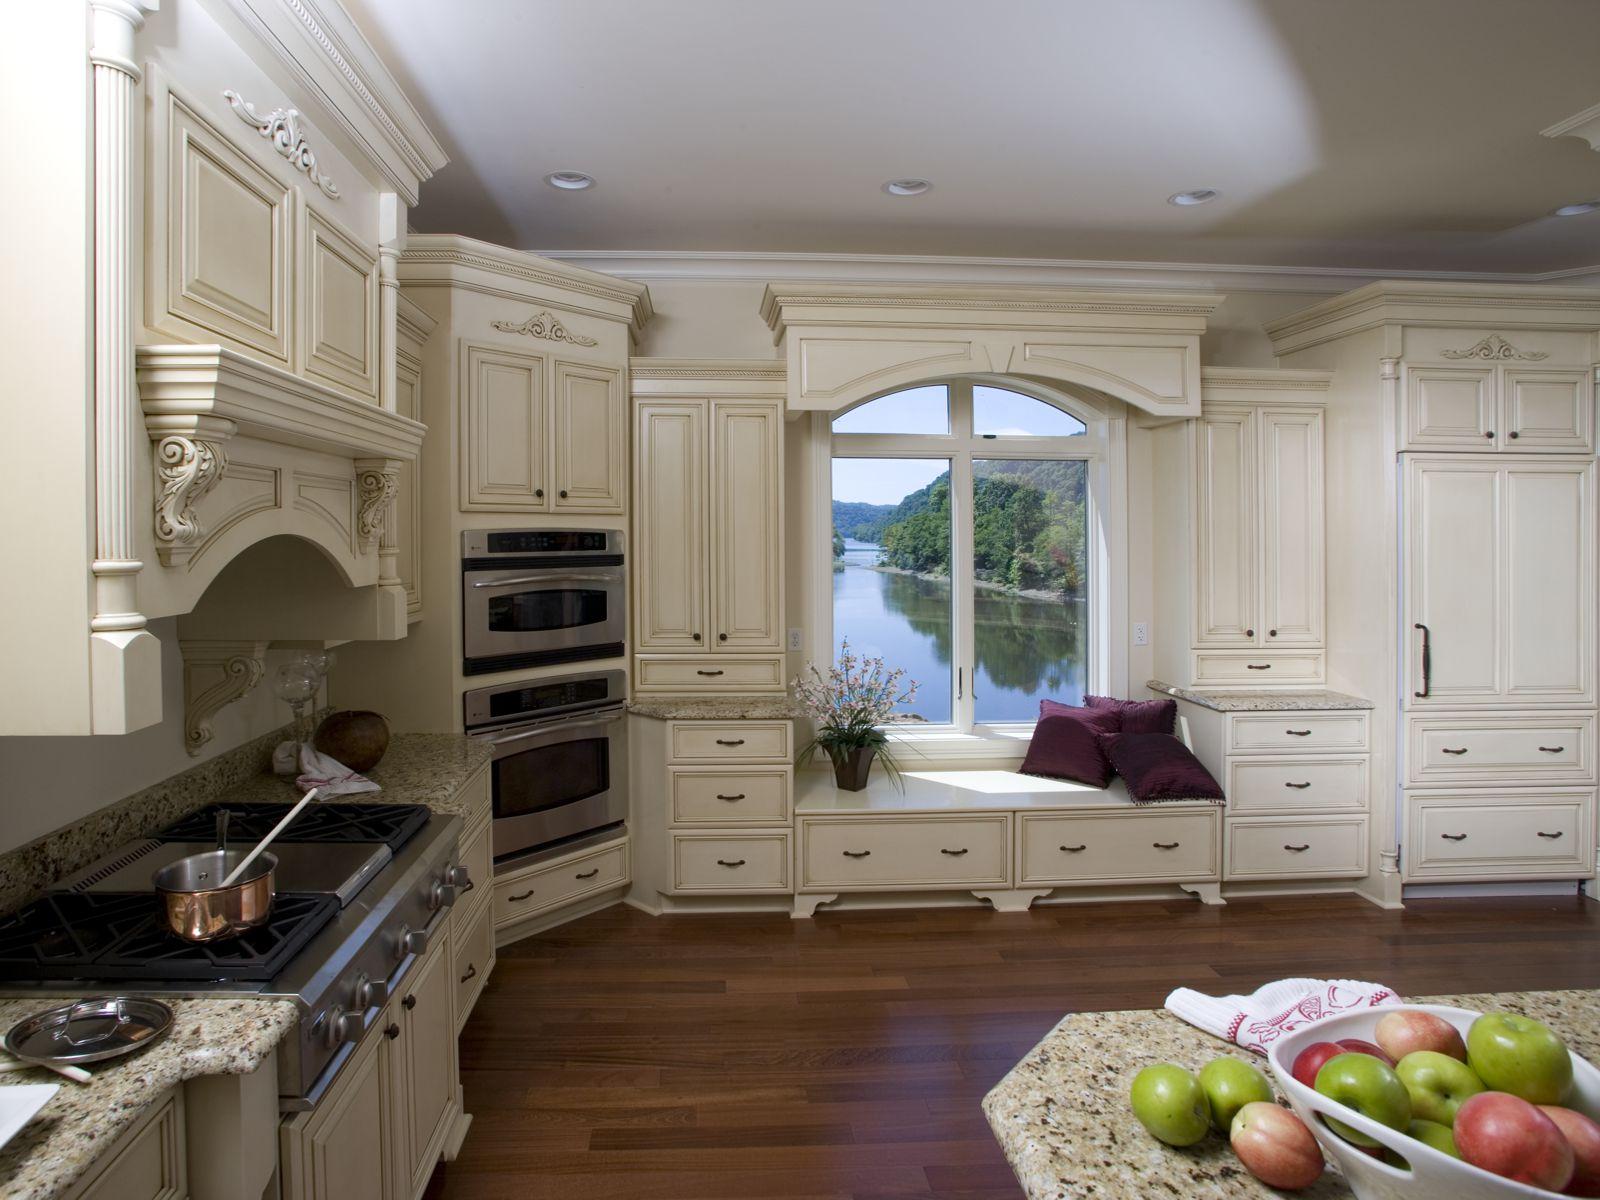 Manor House Kitchens Inc image 7